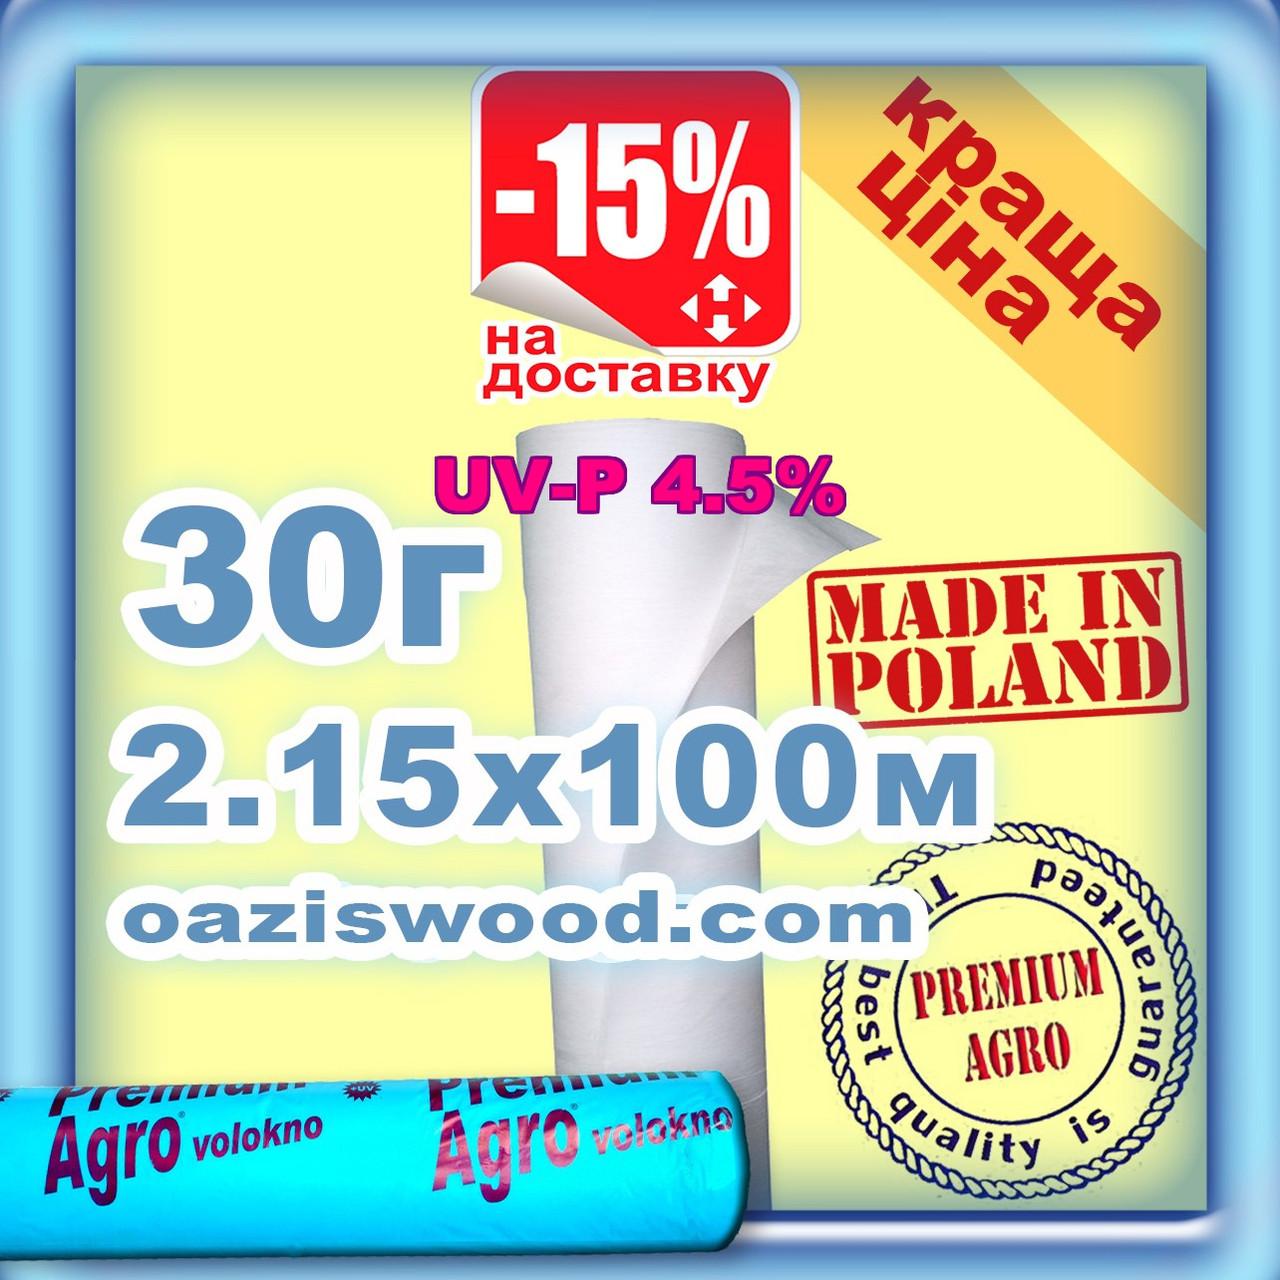 Агроволокно р-30g 2.15*100м белое UV-P 4.5% Premium-Agro Польша